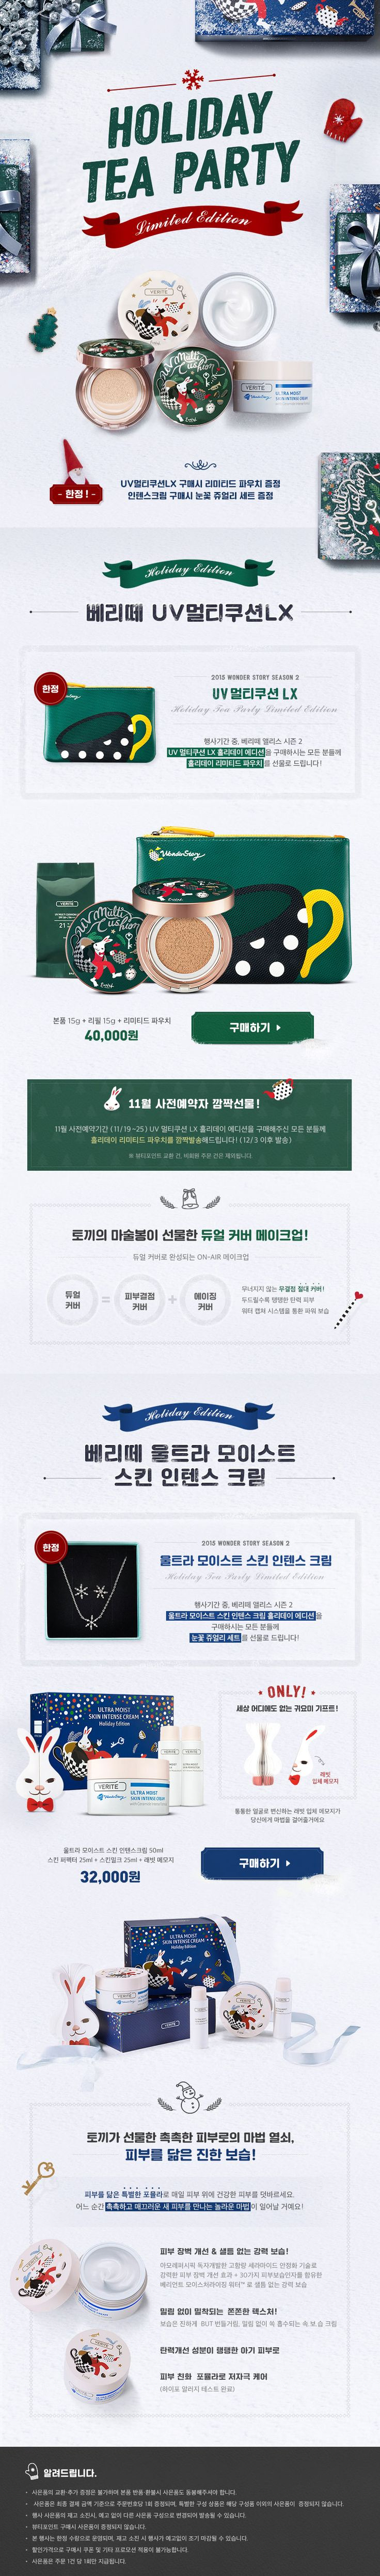 베리떼 HOLIDAY TEA PARTY! 아모레퍼시픽몰 (http://www.amorepacificmall.com/event/event_event_list.do?i_sEventcd=EVT20151201_ohmyface)